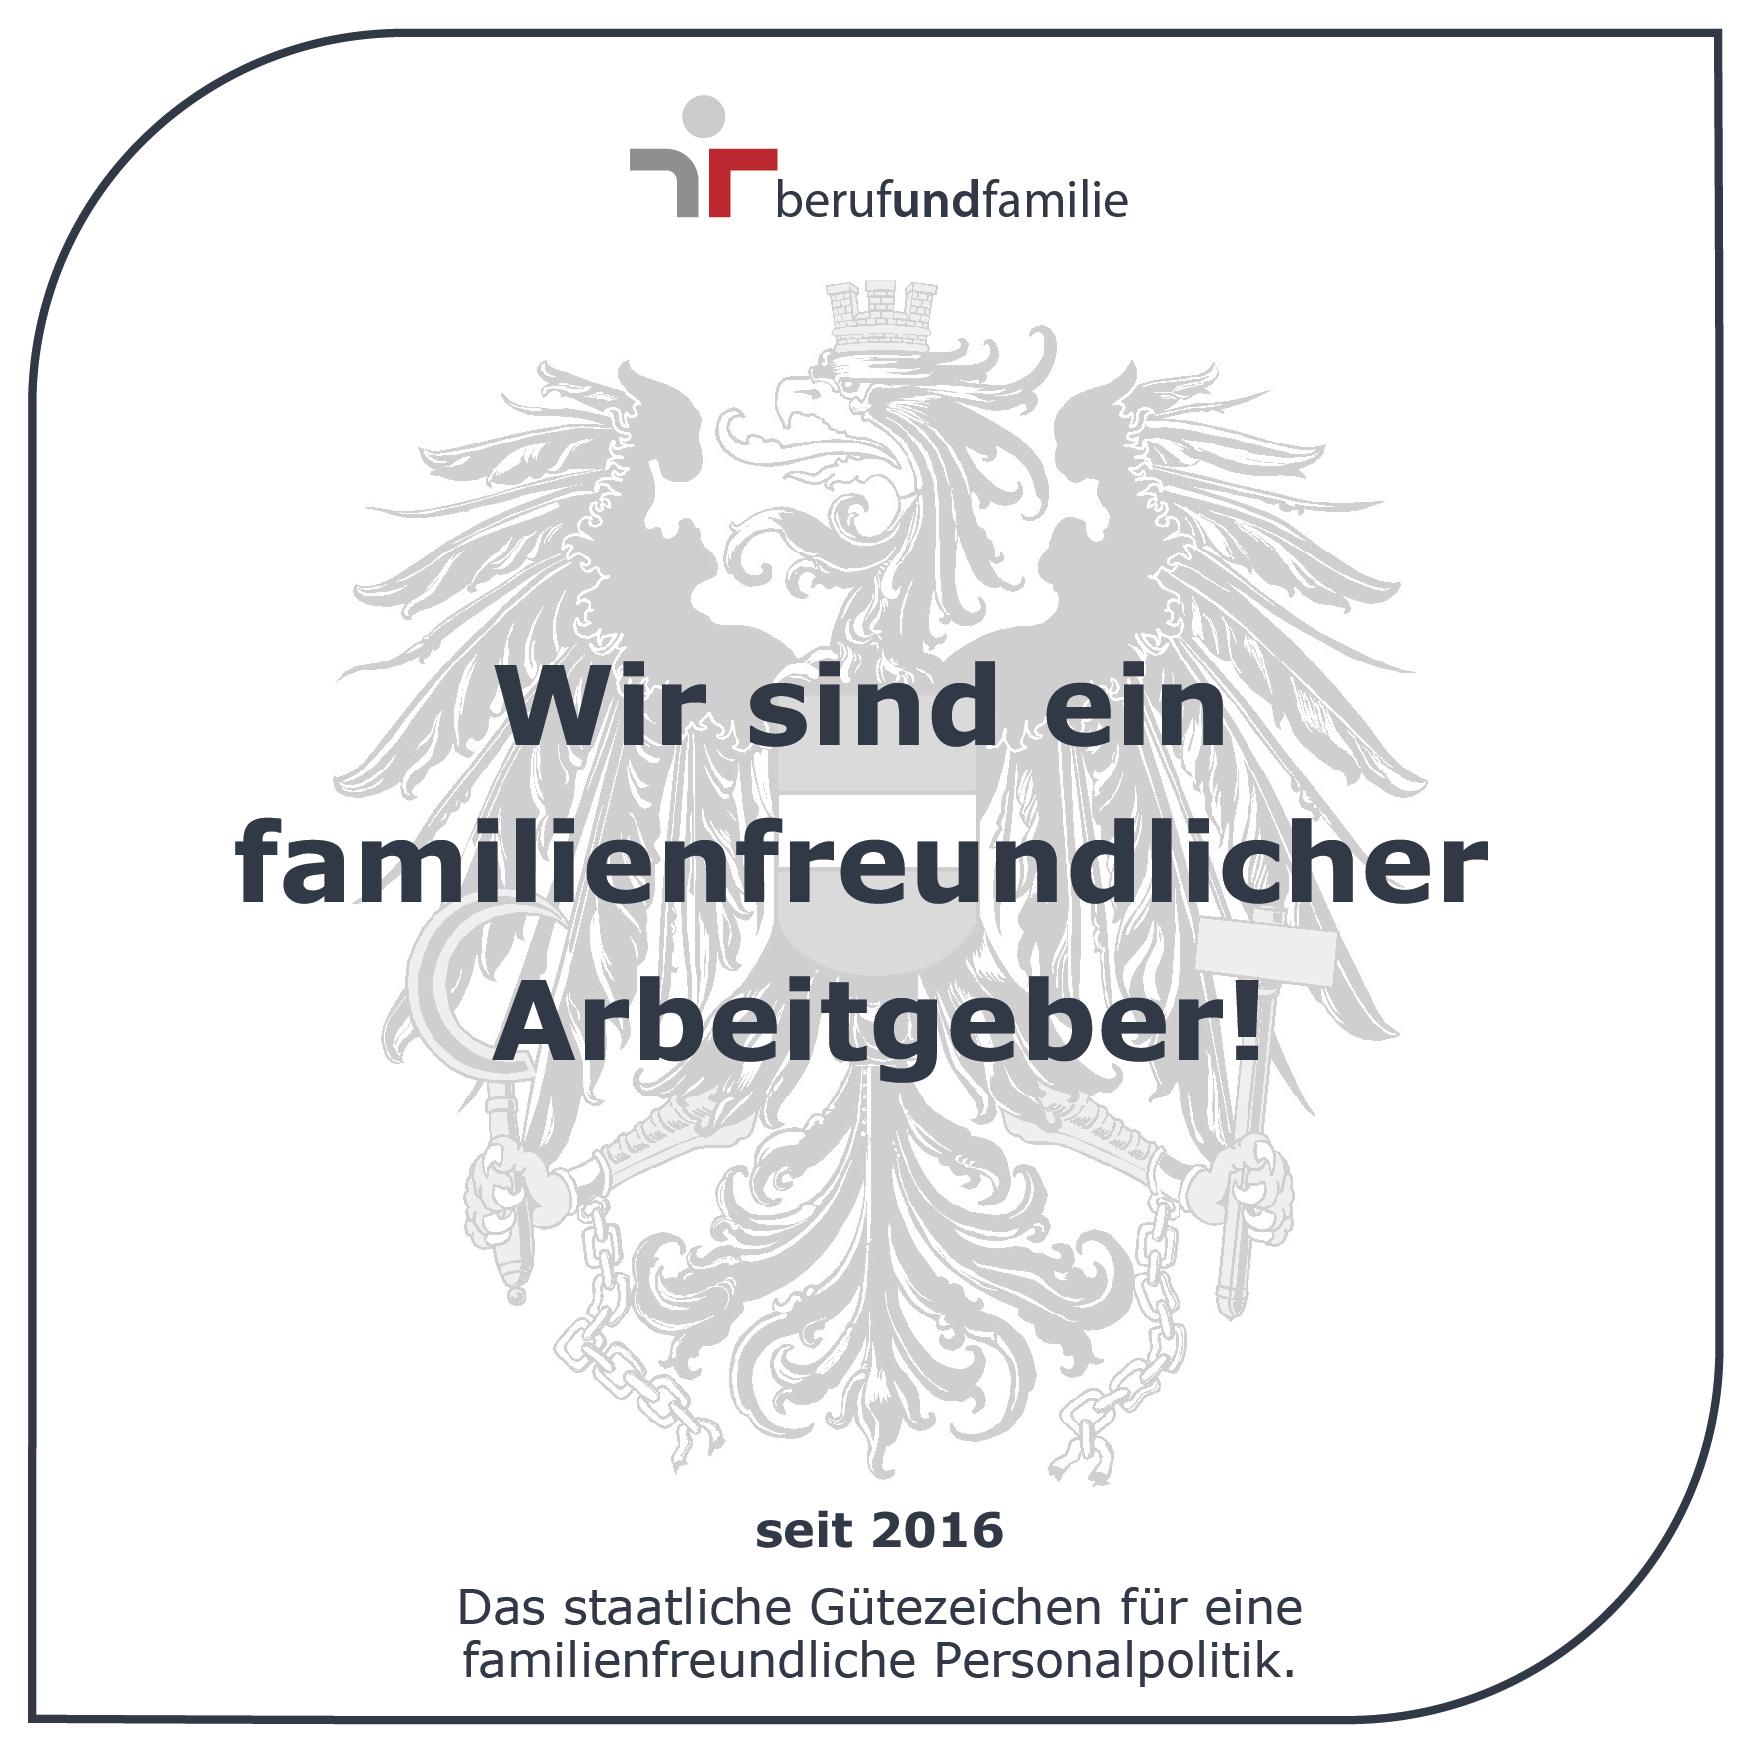 Gütezeichen_Familienfreundlicher Arbeitgeber_neu2016 (002)